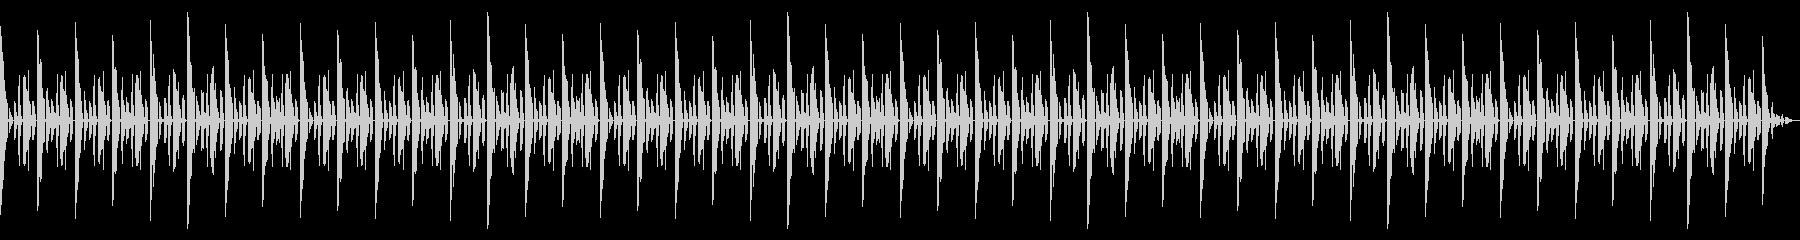 明るめの雰囲気のシンプルなリズムBGMの未再生の波形